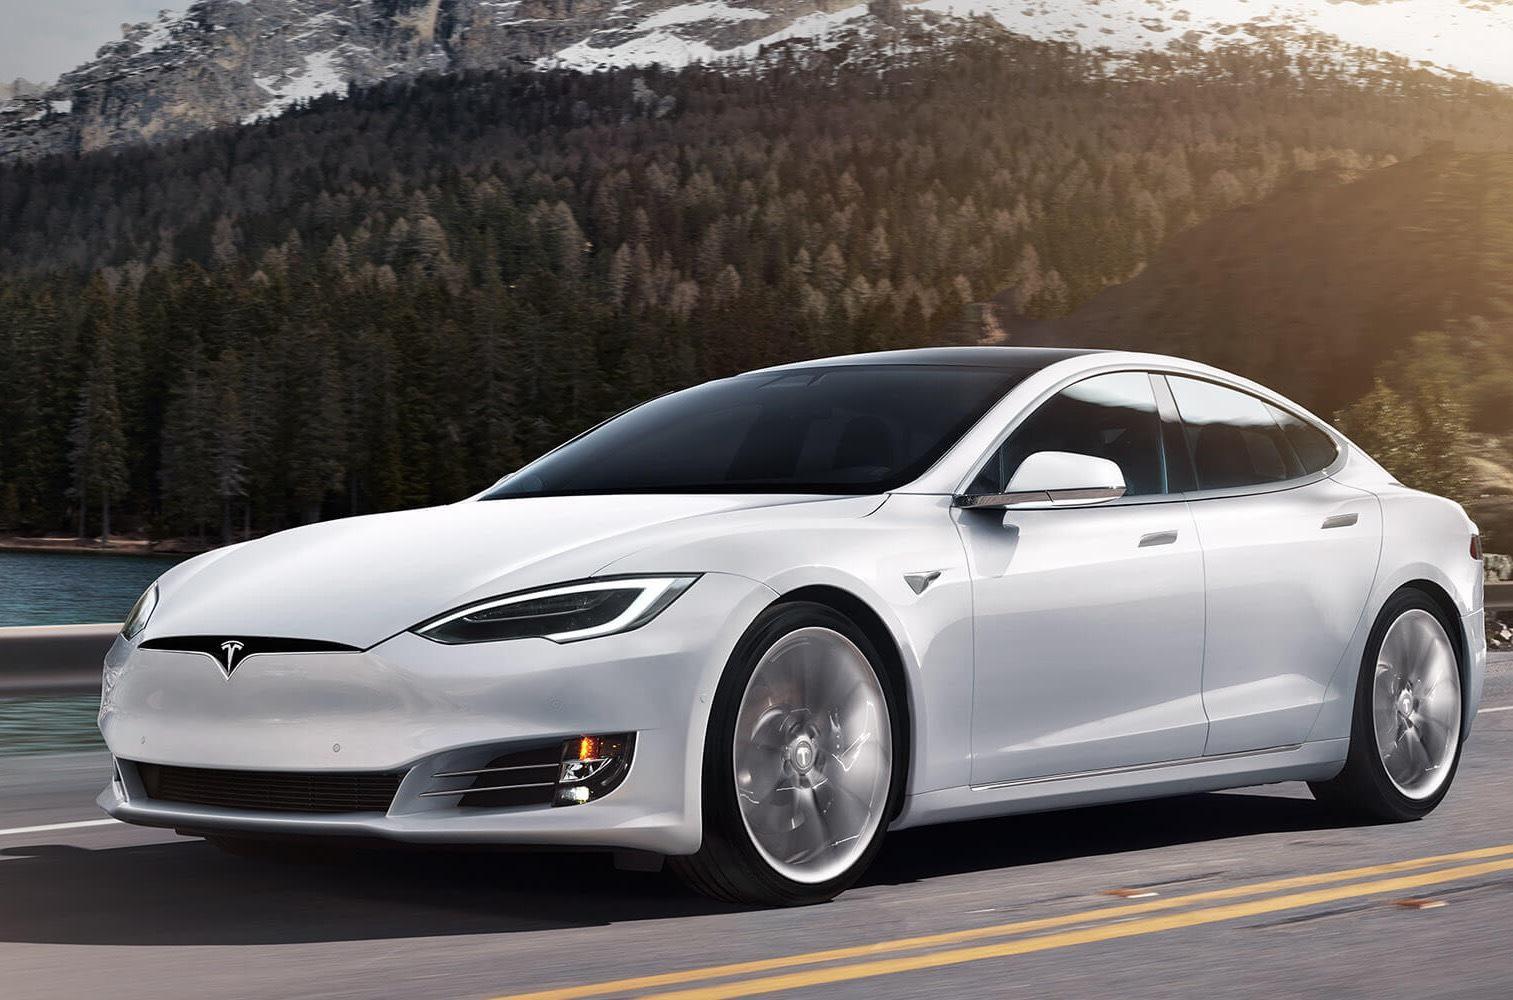 Илон Маск признался, что автопилот Tesla далек от совершенства